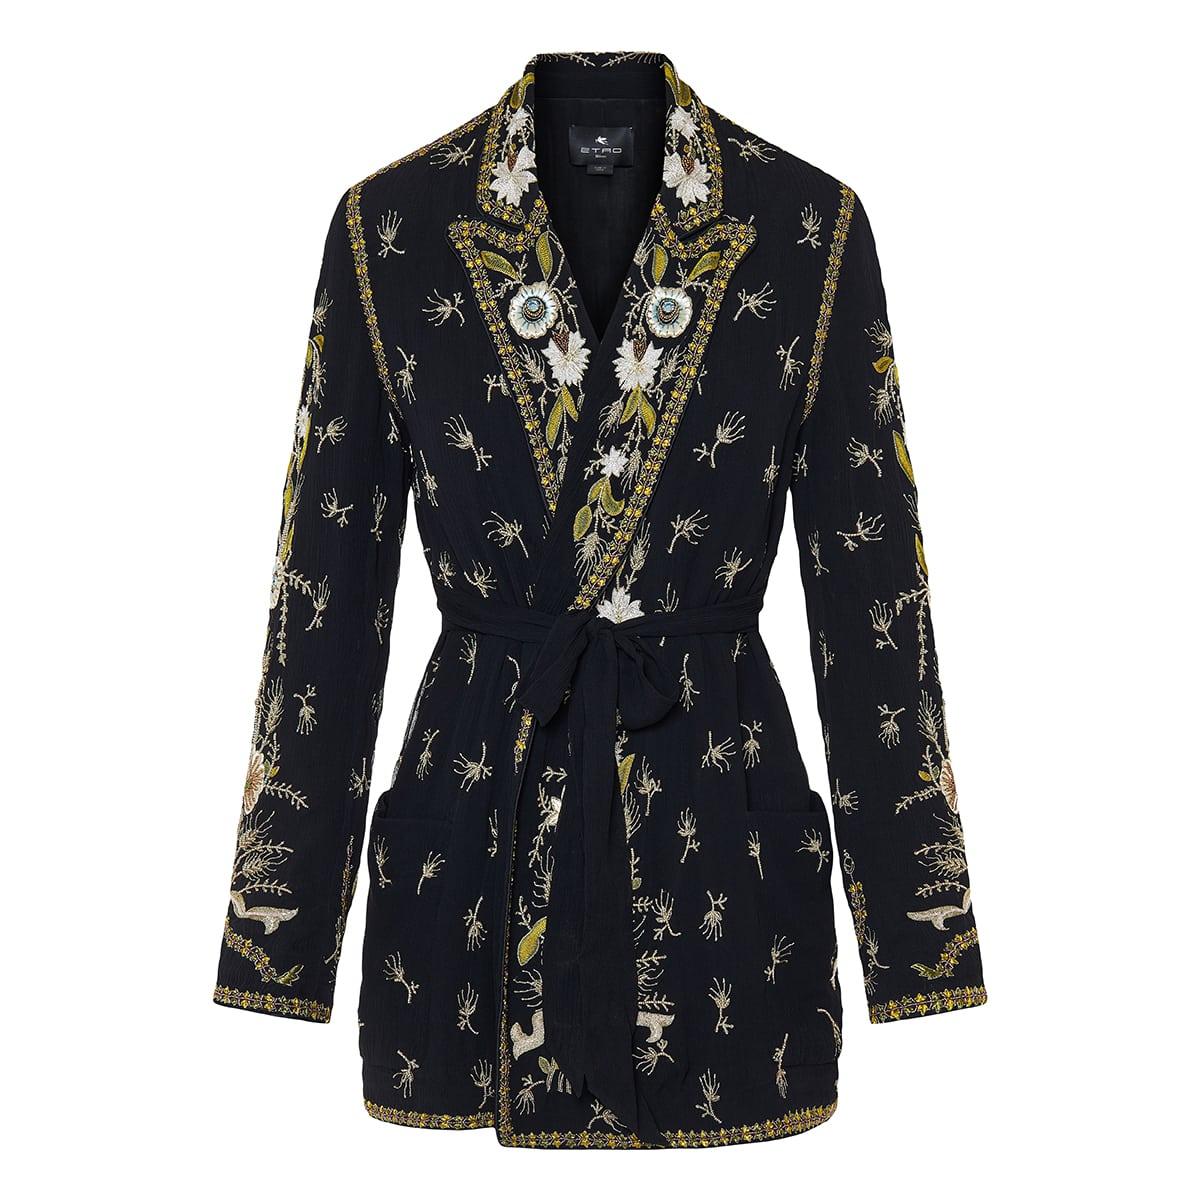 Embellished silk kimono jacket